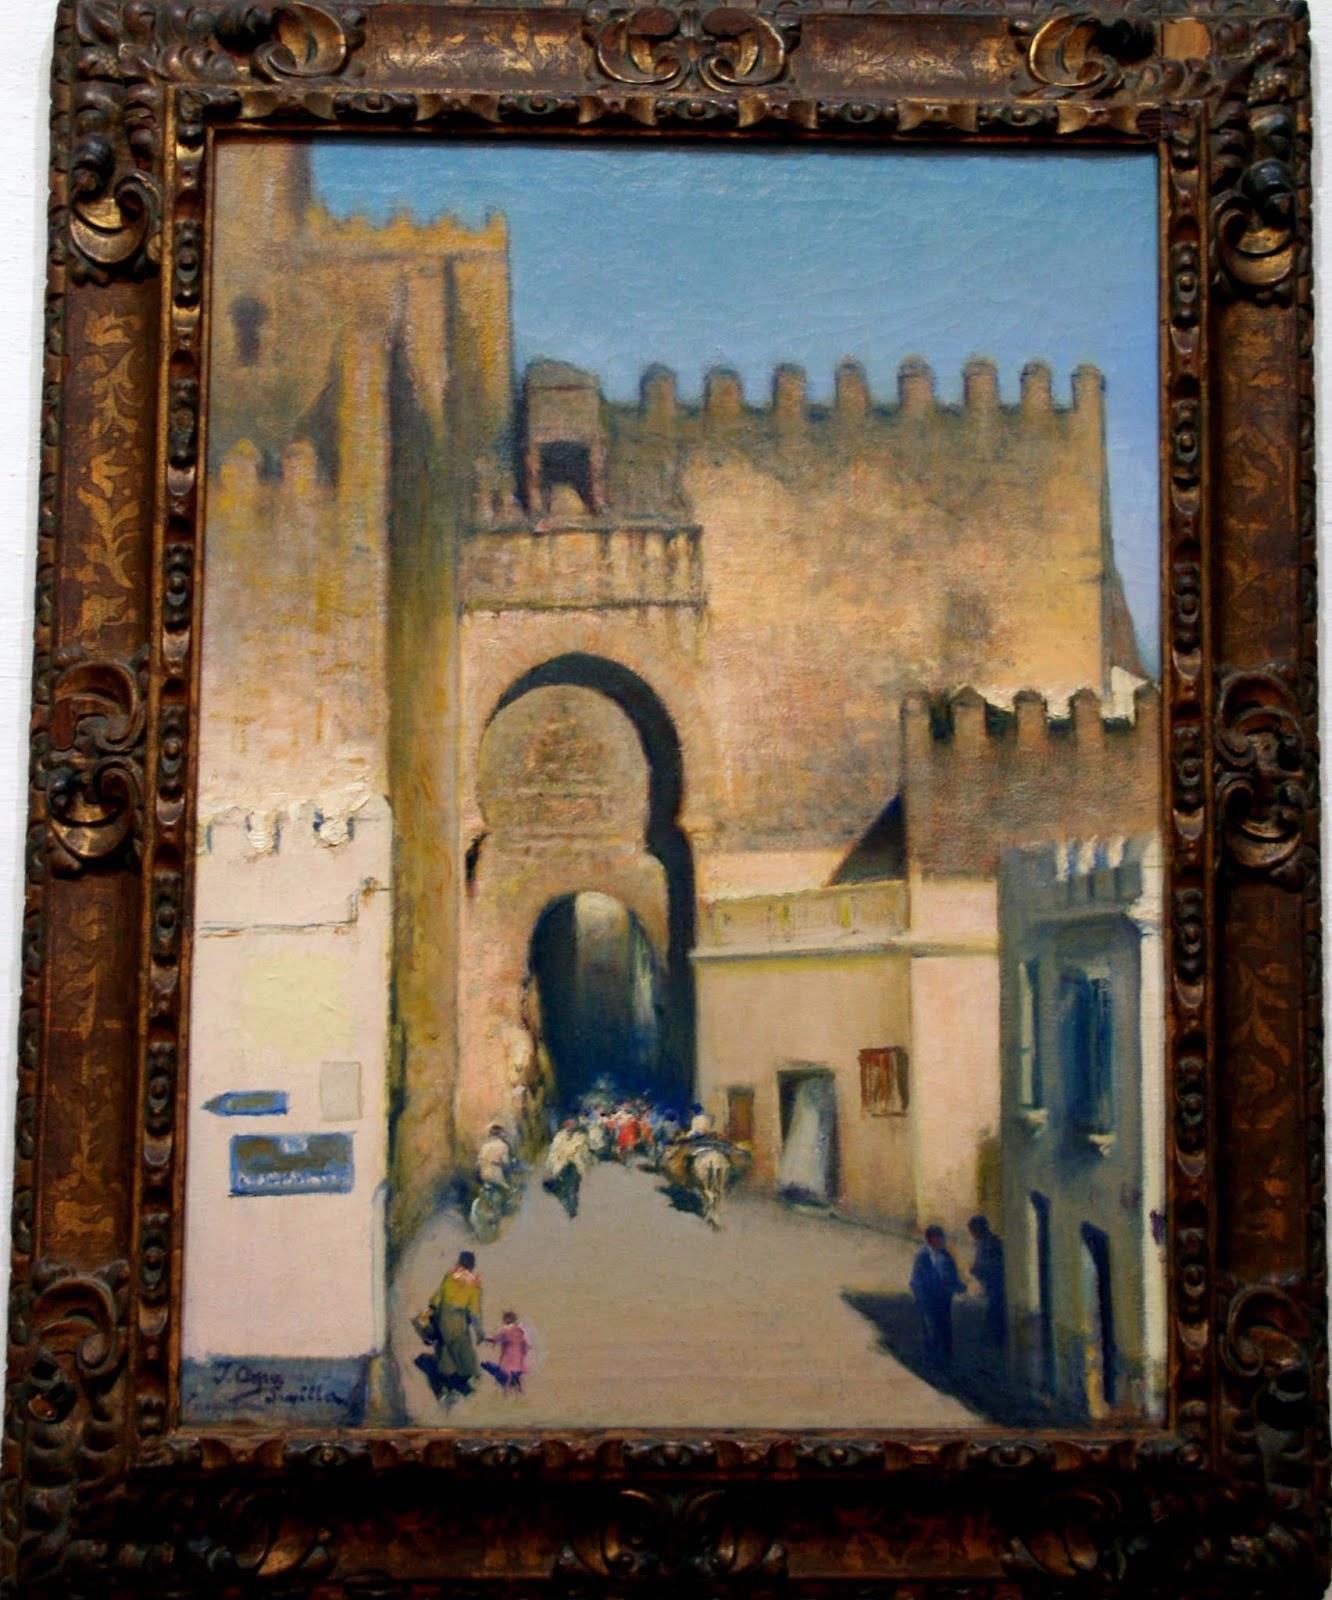 suyas sala xii vista de la sala 16 dedicada al pintor local josé arpa